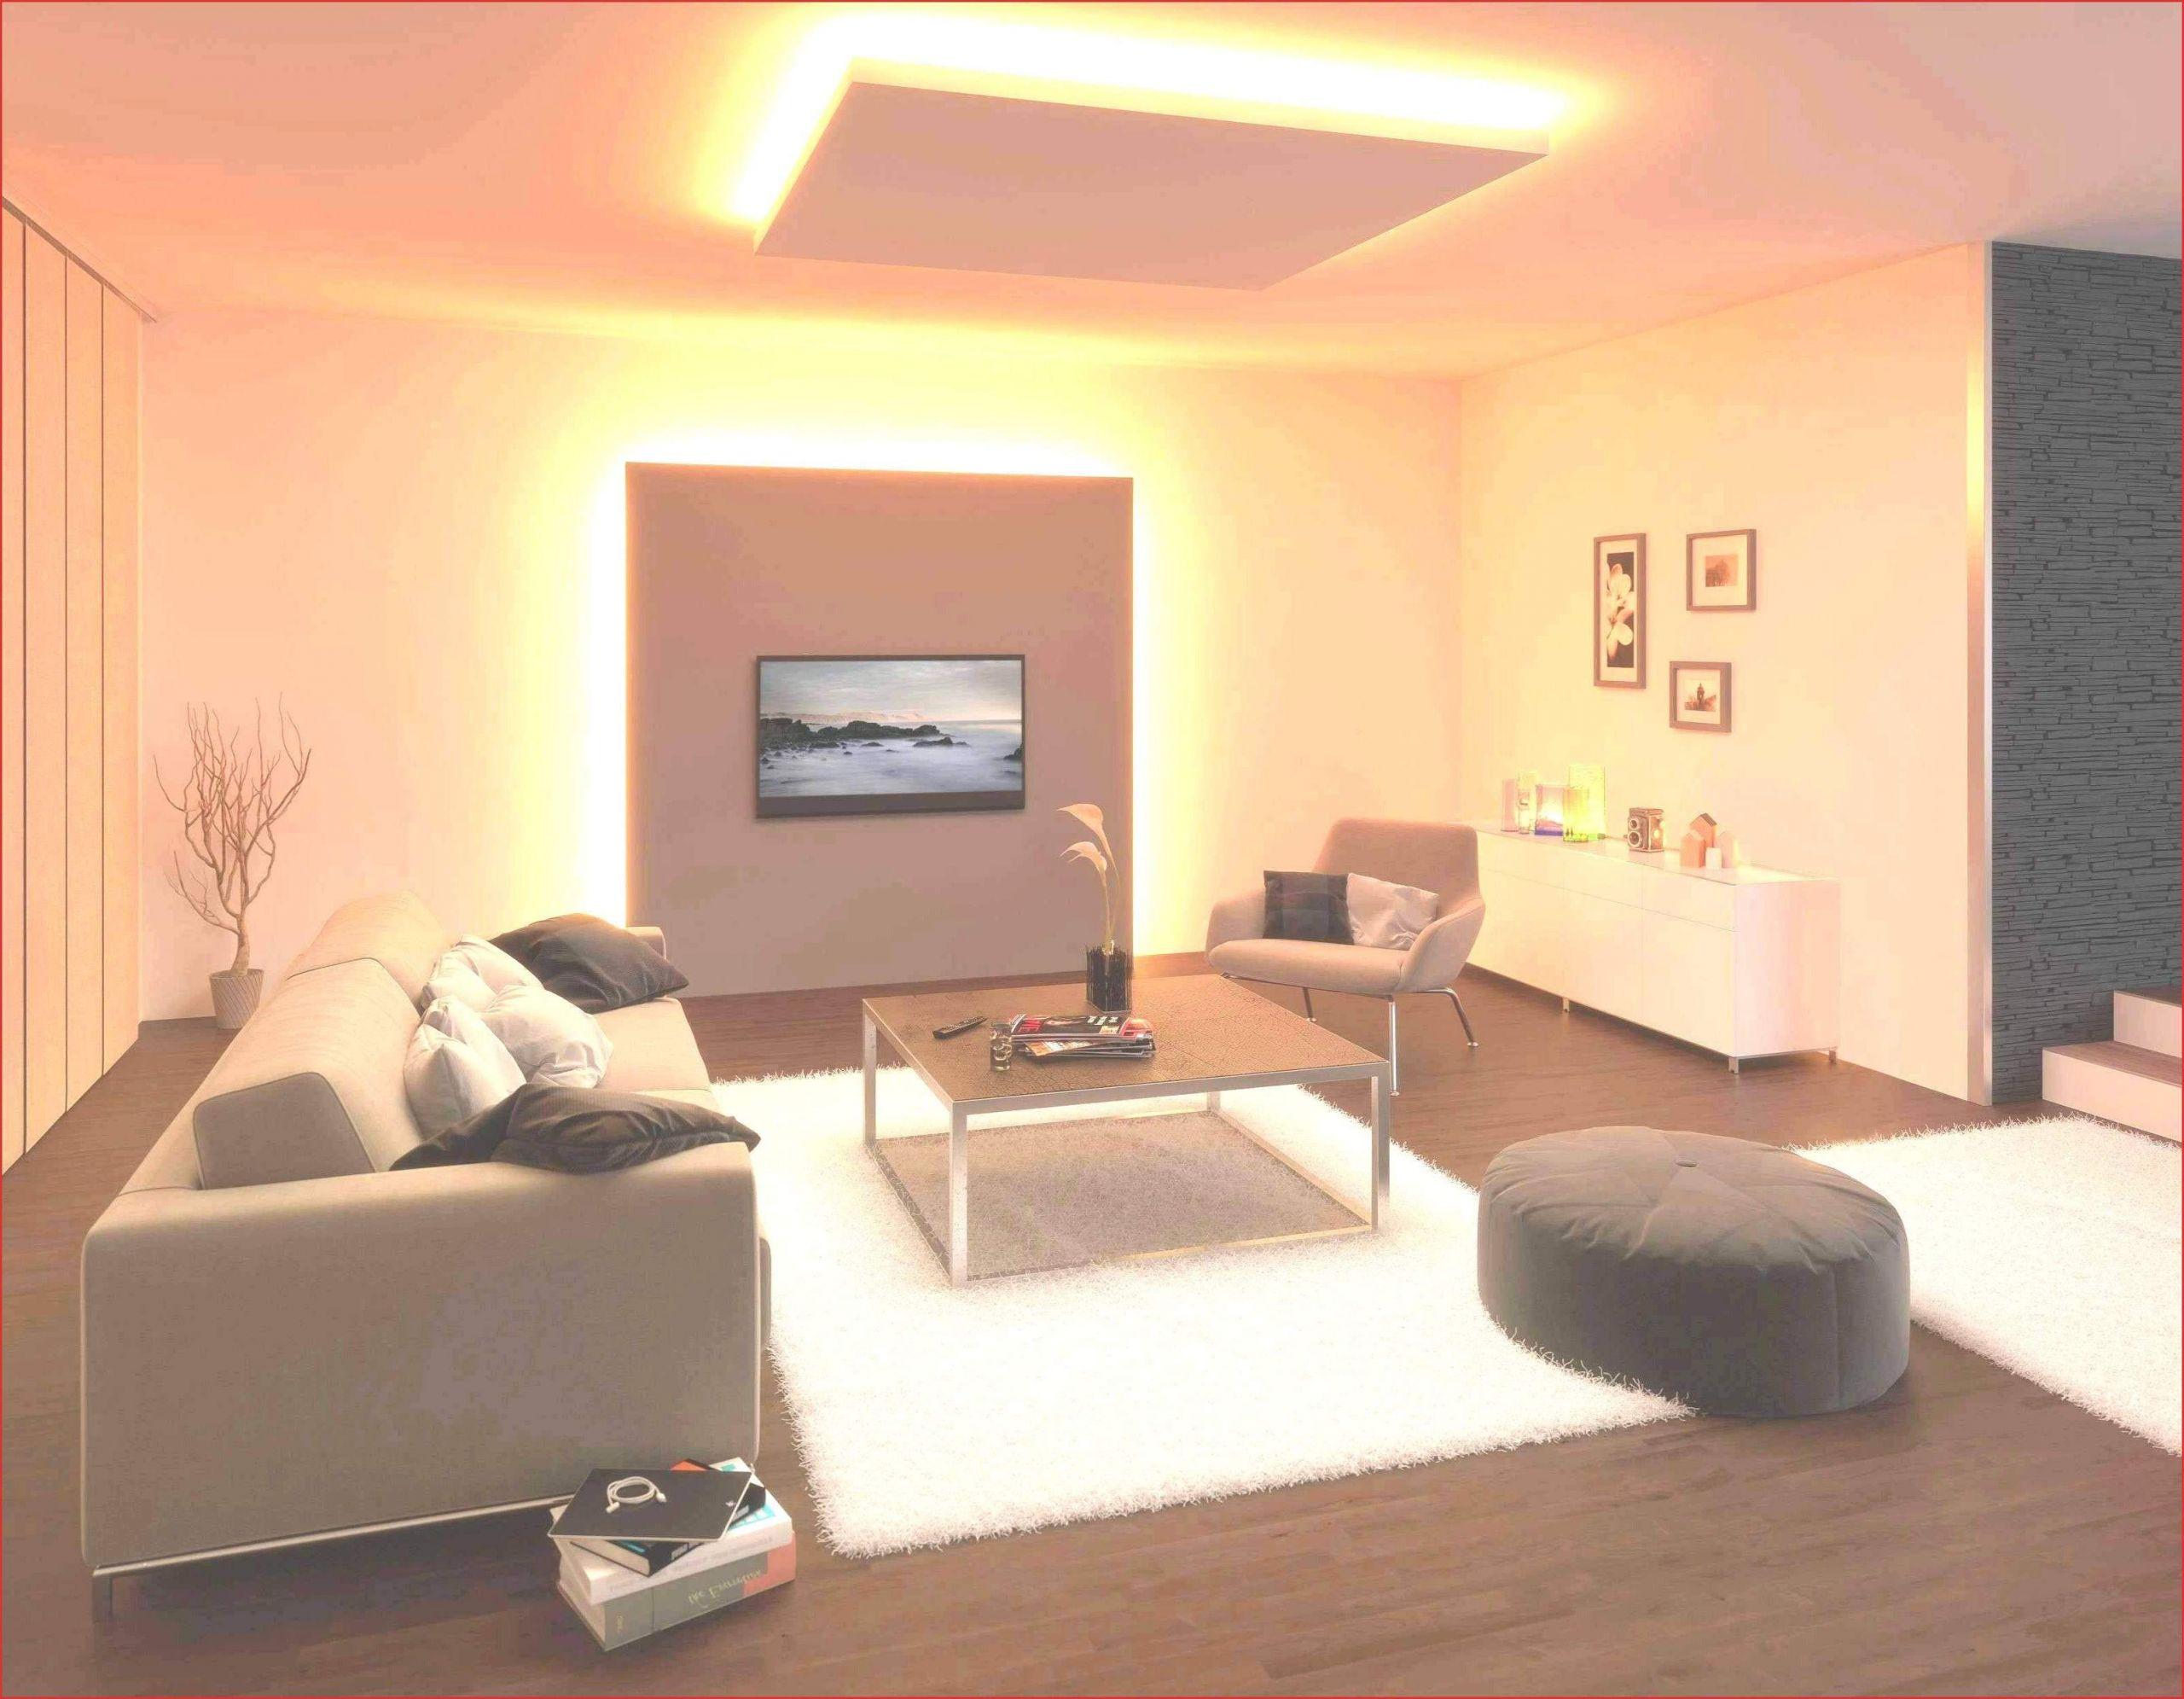 Full Size of Wohnzimmer Deckenleuchte Deckenleuchten Amazon Ikea Led Dimmbar Messing Luxus Inspirierend Schrankwand Hängeschrank Deckenlampen Poster Deckenlampe Relaxliege Wohnzimmer Wohnzimmer Deckenleuchte